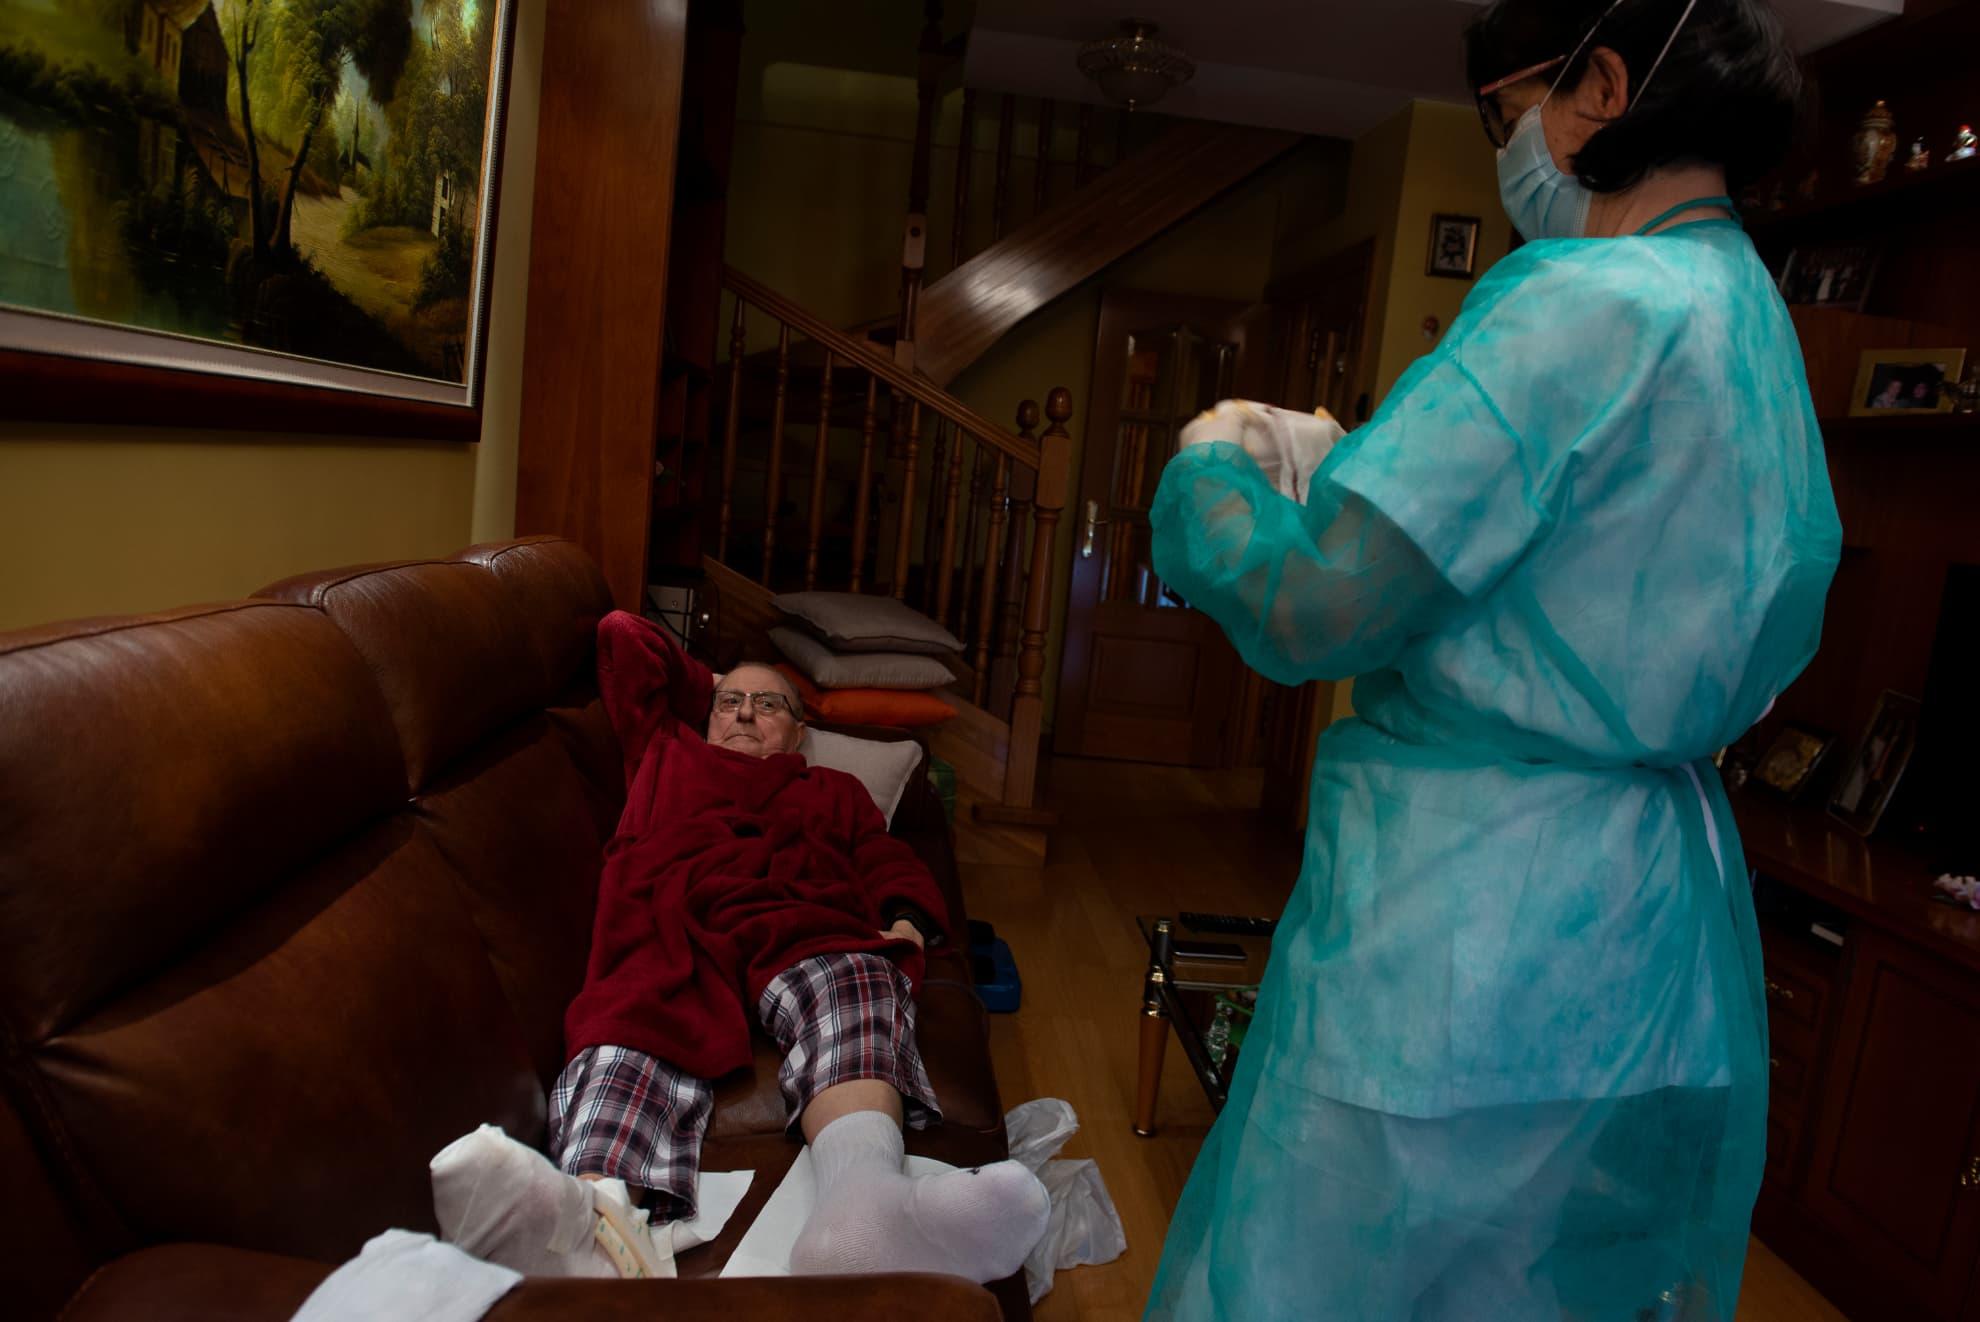 Alicia es enfermera y visita a Manuel en su domicilio para que no tenga que salir a la calle y esté protegido frente a posibles contagios de coronavirus.